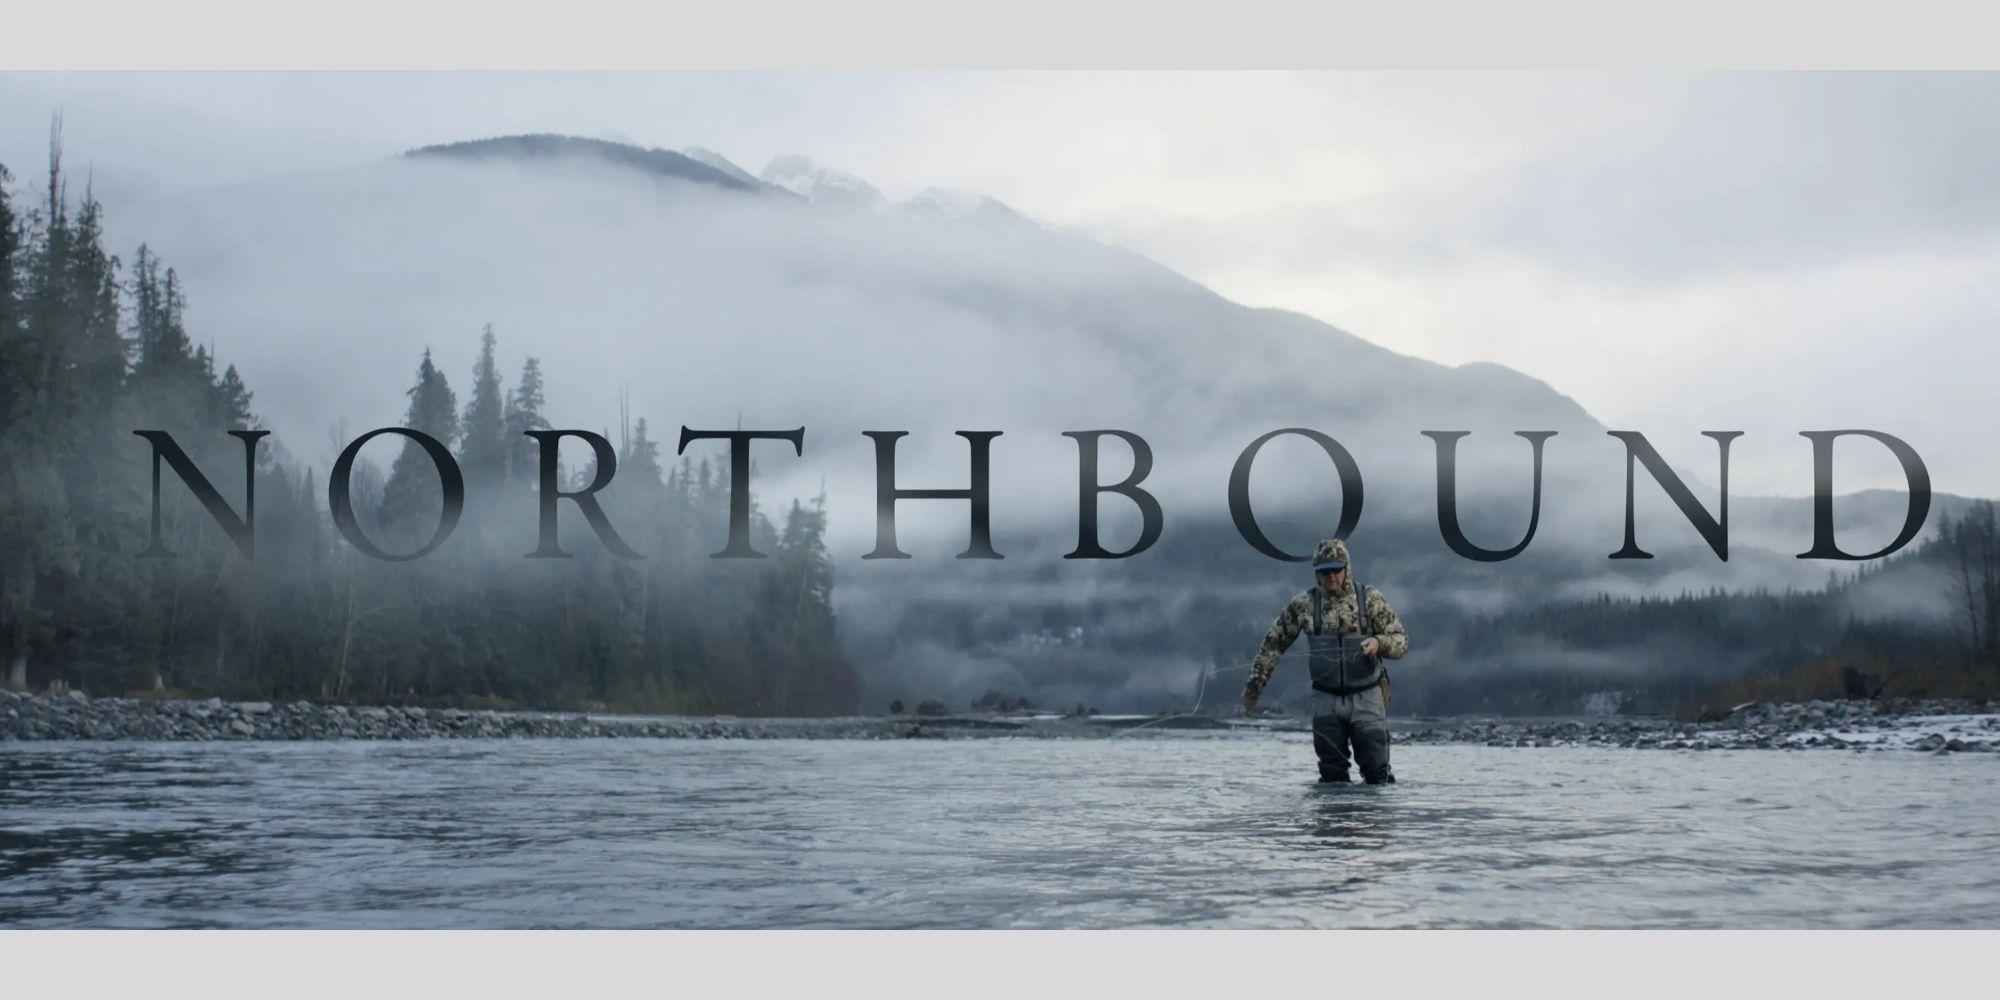 northbound steelhead